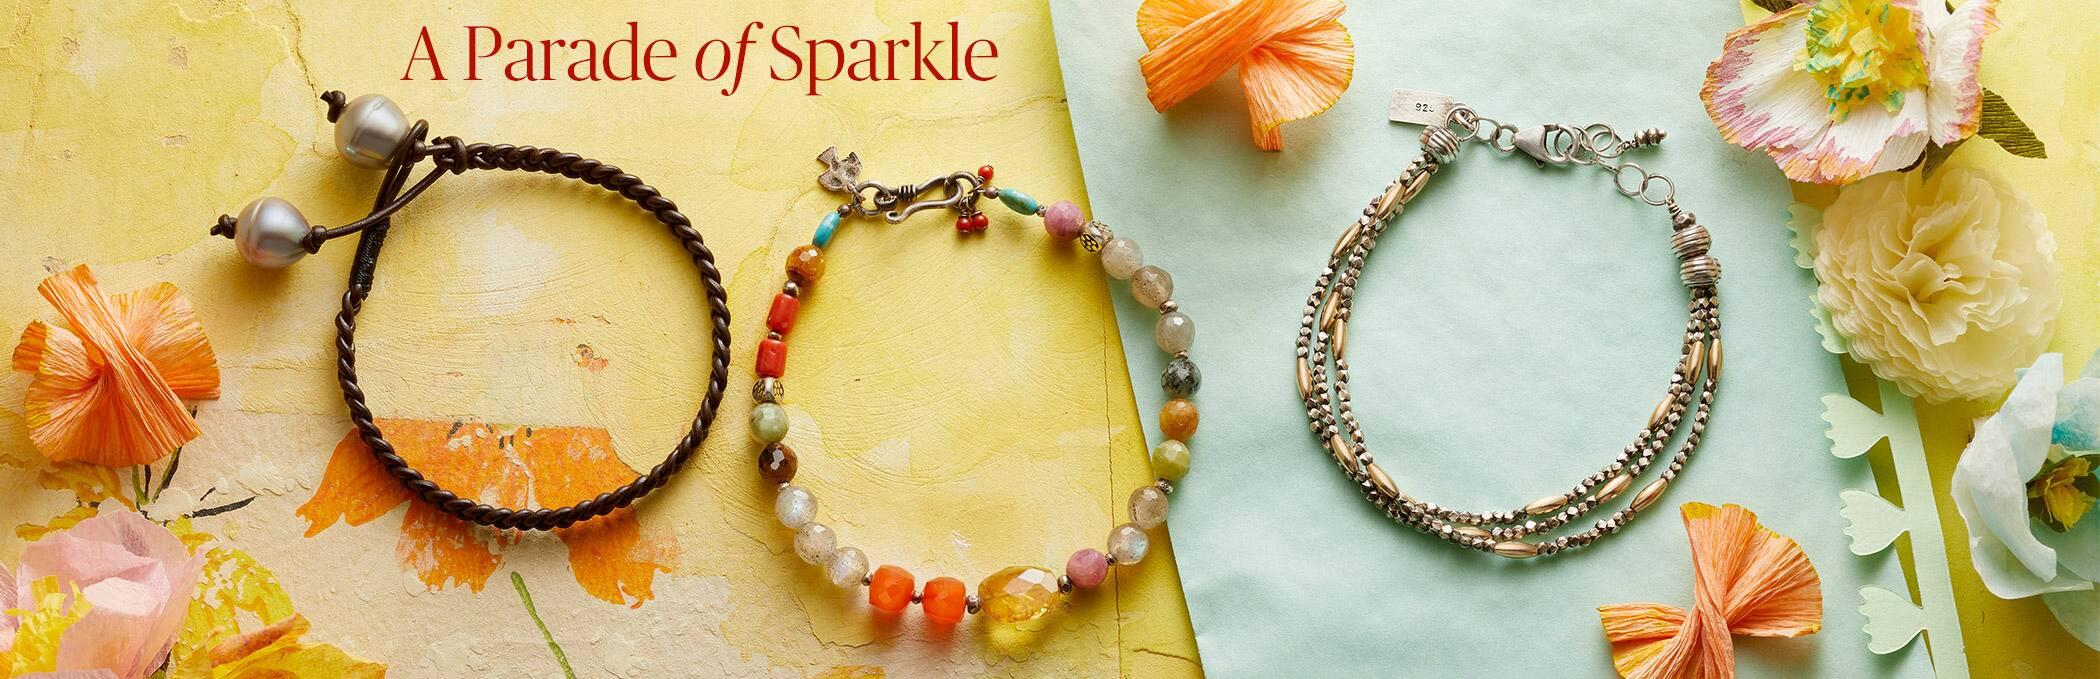 A Parade of Sparkle